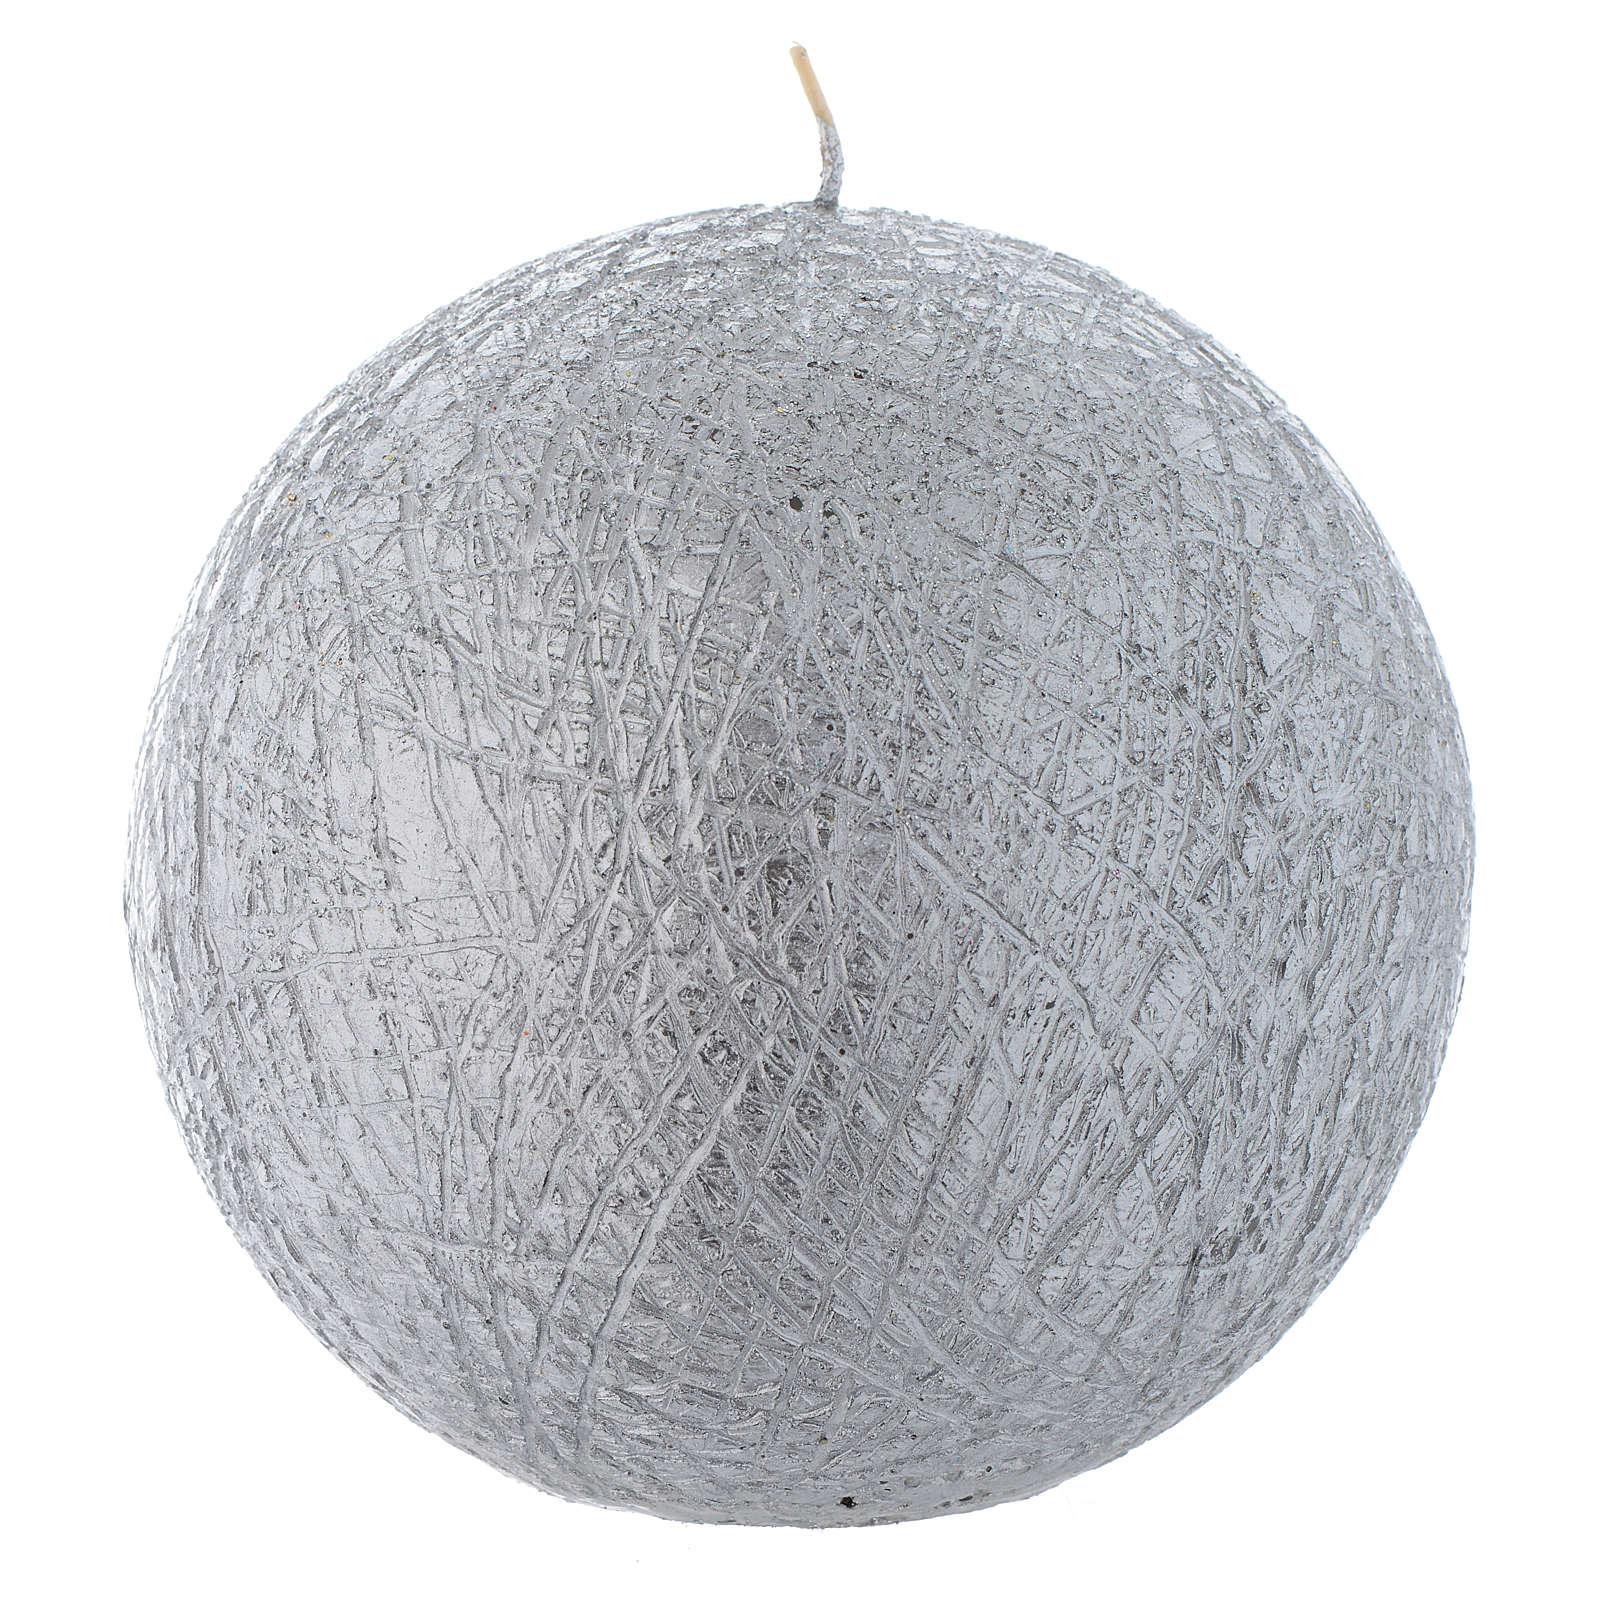 Bougie de Noël Comet sphère 12,5 cm argentée 3